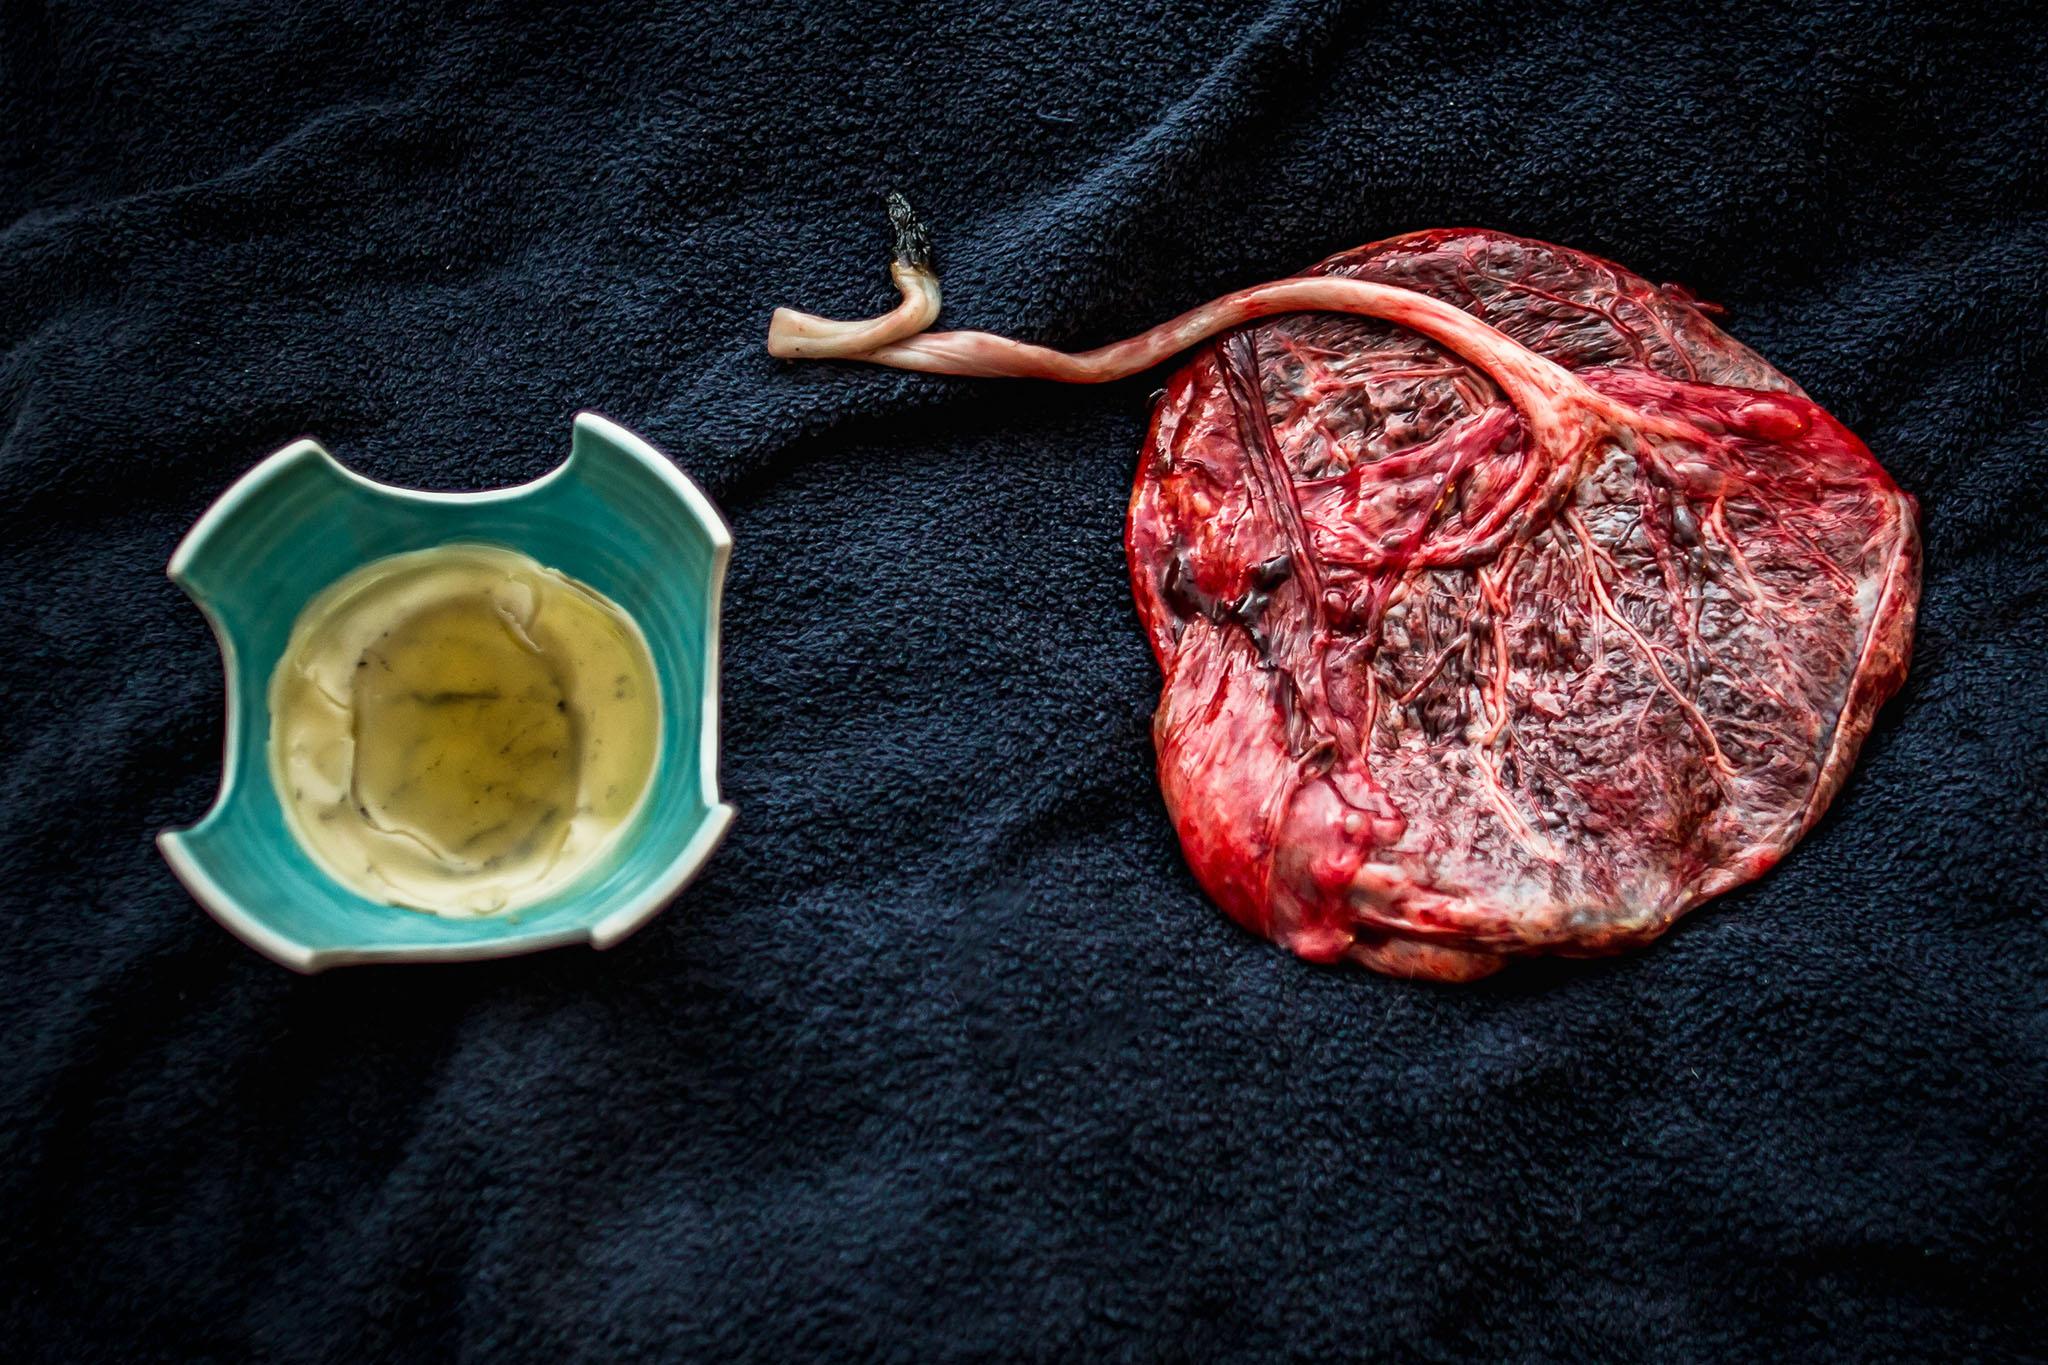 placenta-cord-burning